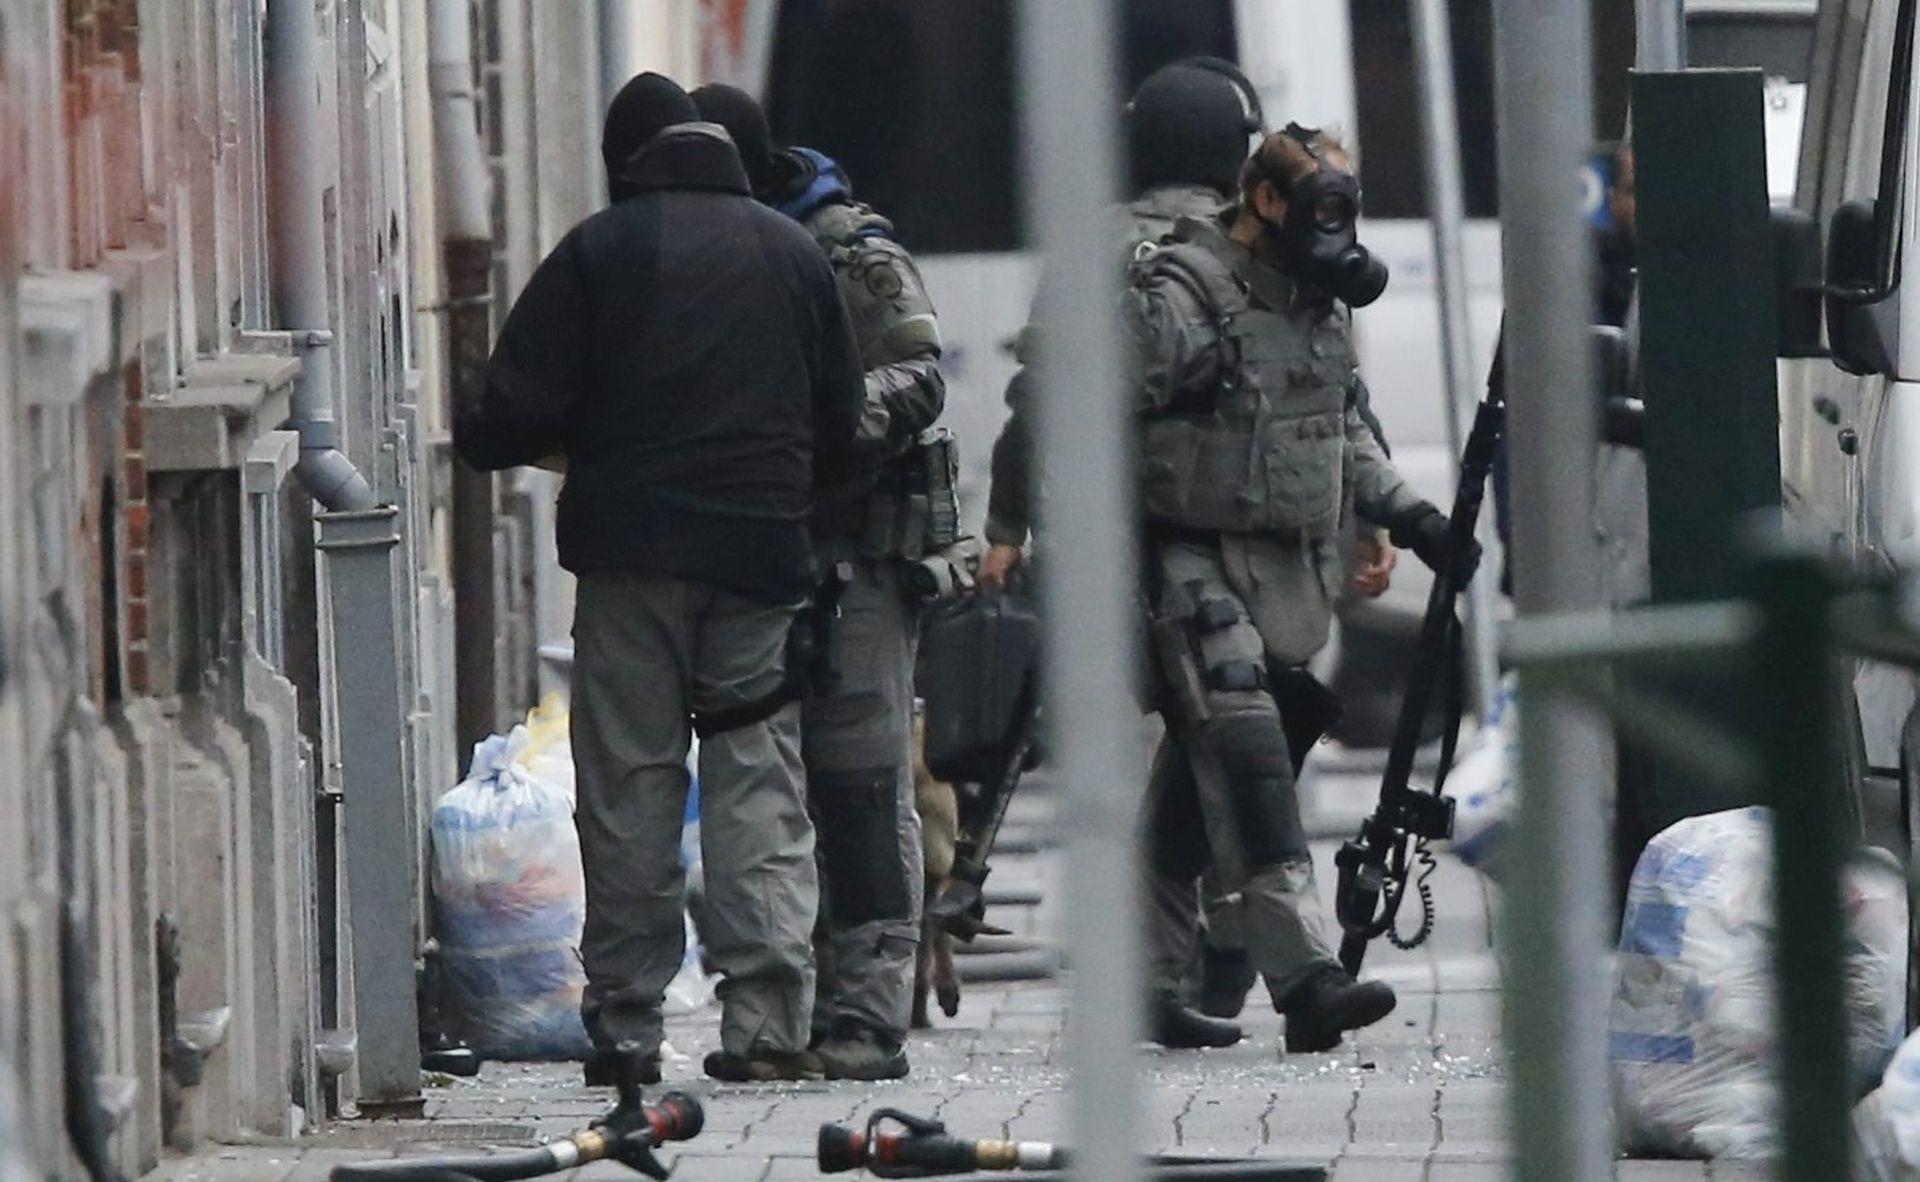 BELGIJA Zadržano dvoje uhićenih zbog terorizma, jedan od osumnjičenika u Italiji?